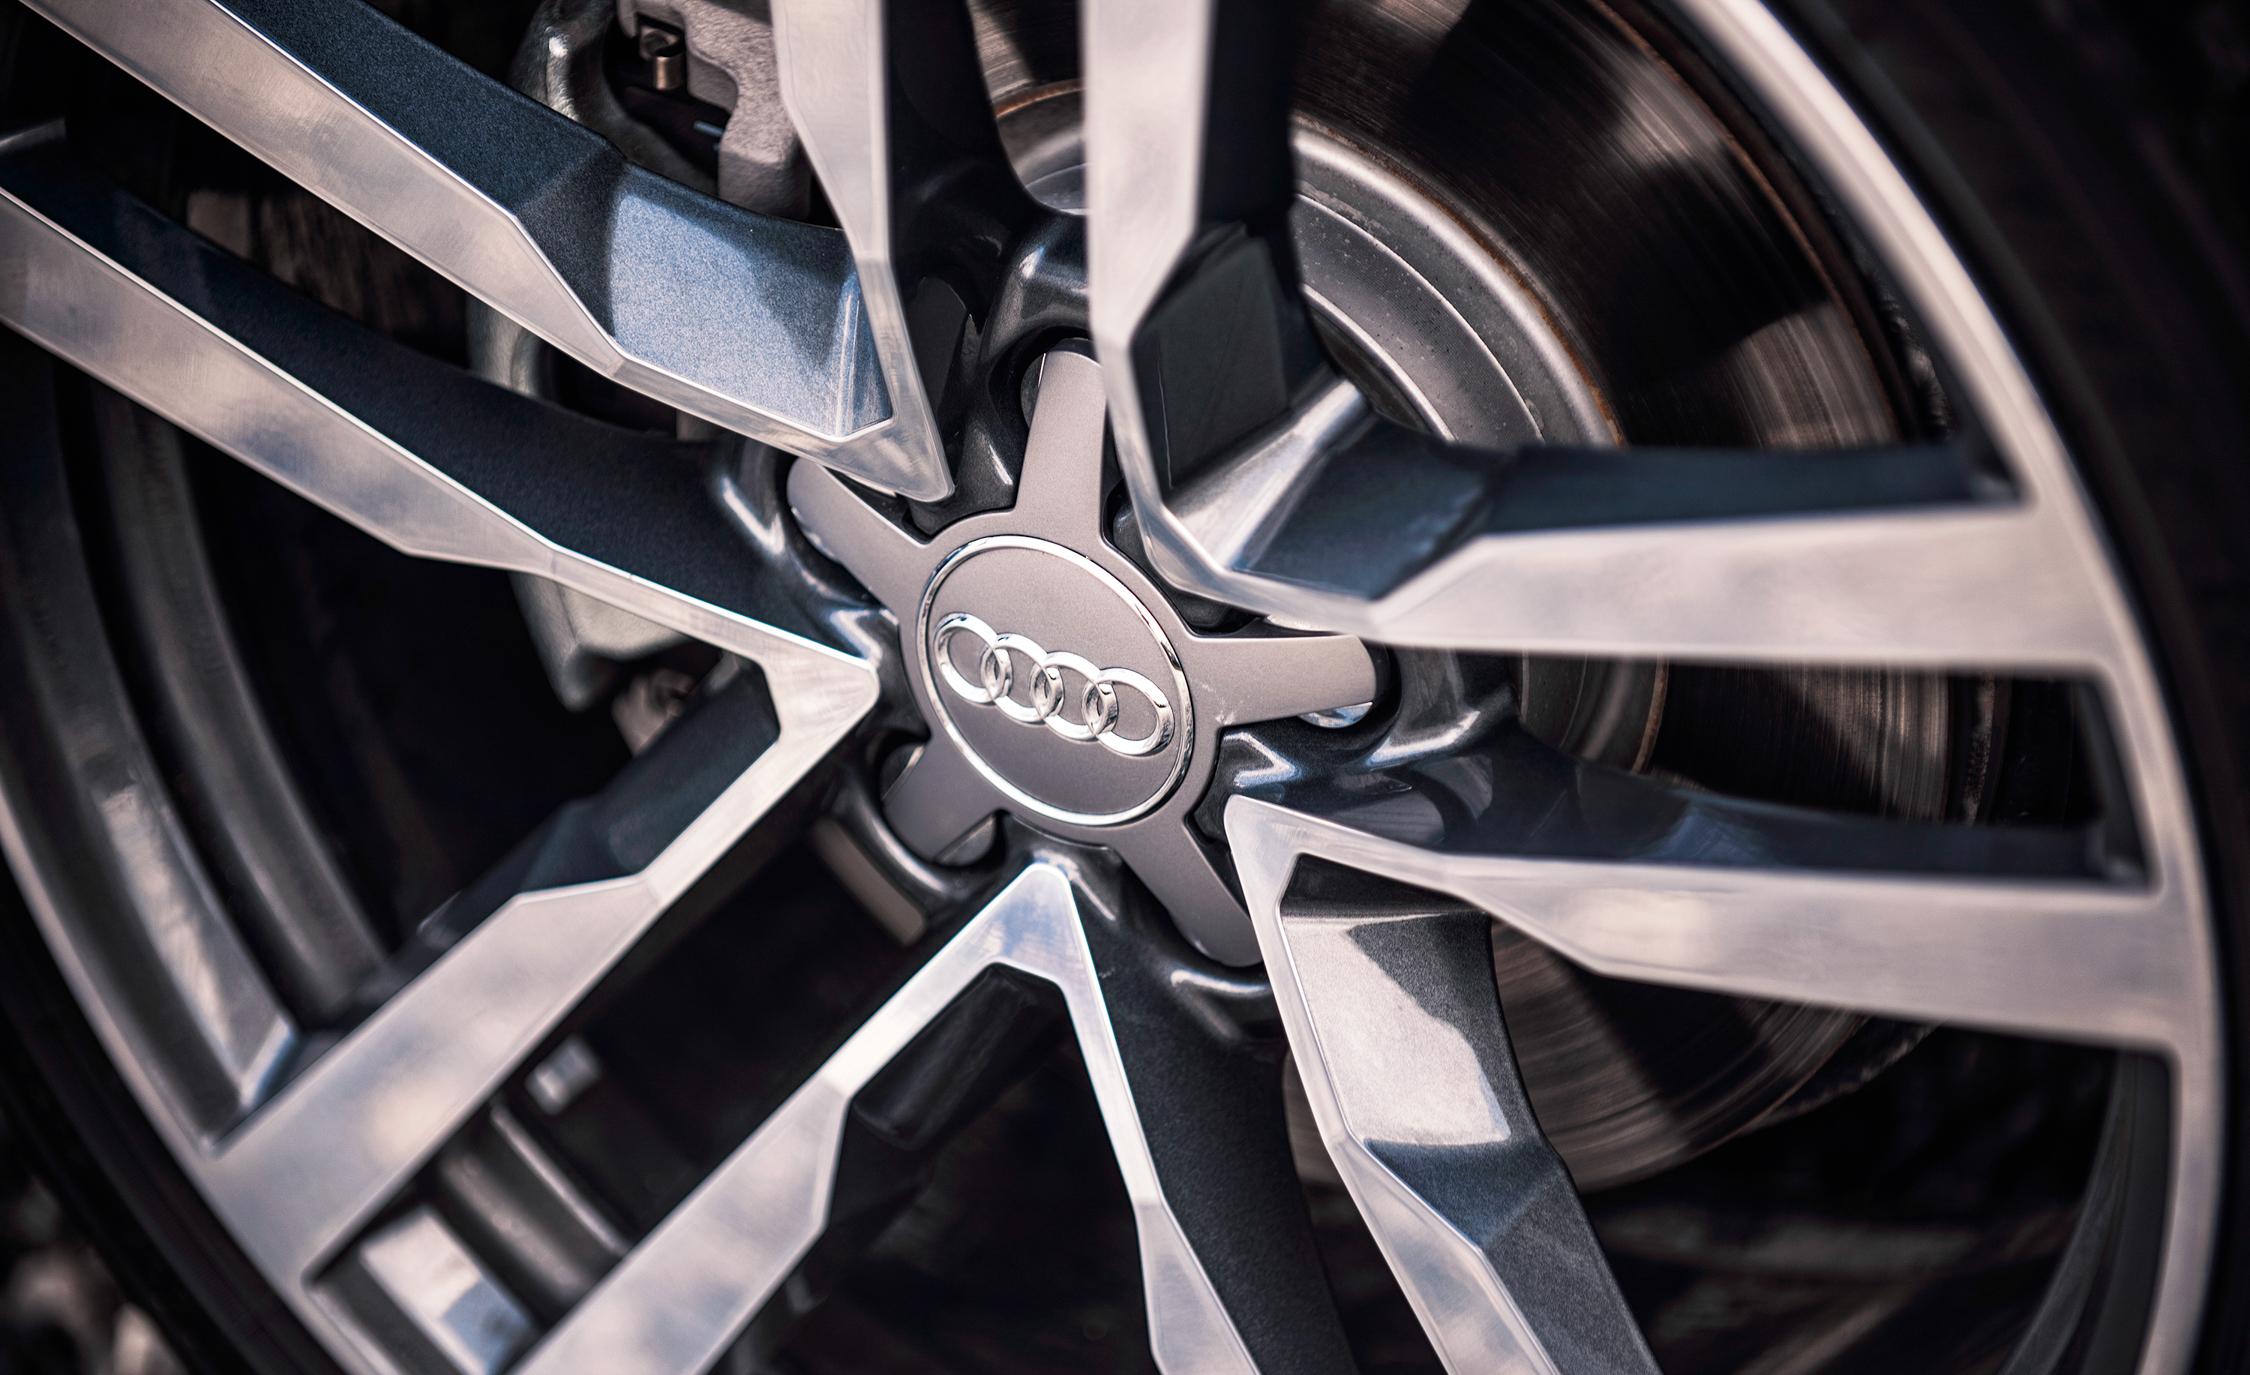 2016 Audi TT (View 1 of 41)